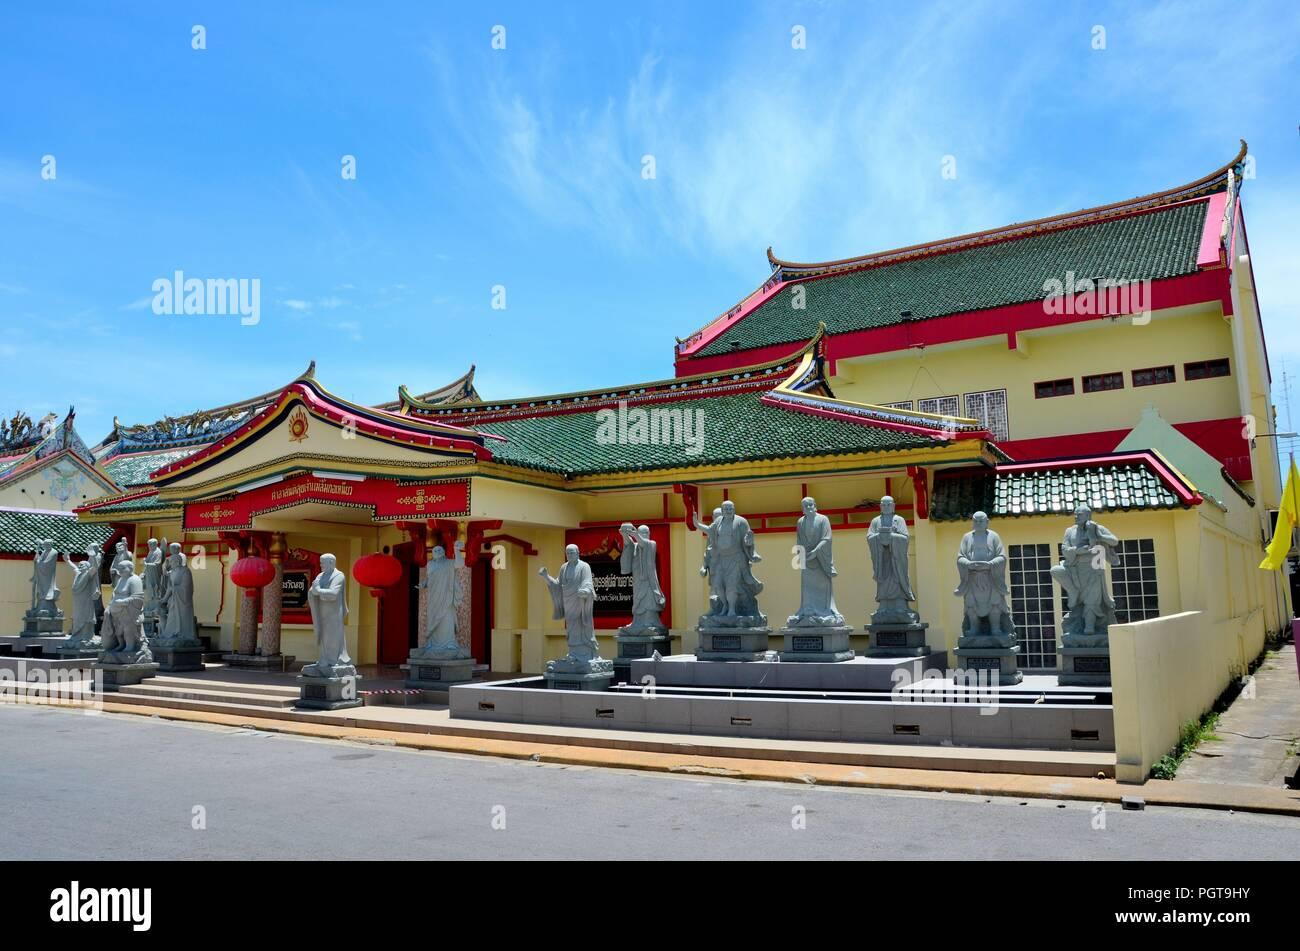 Chinesischer Tempel Bauen Mit Statuen Der Gotter Und Holz Tur